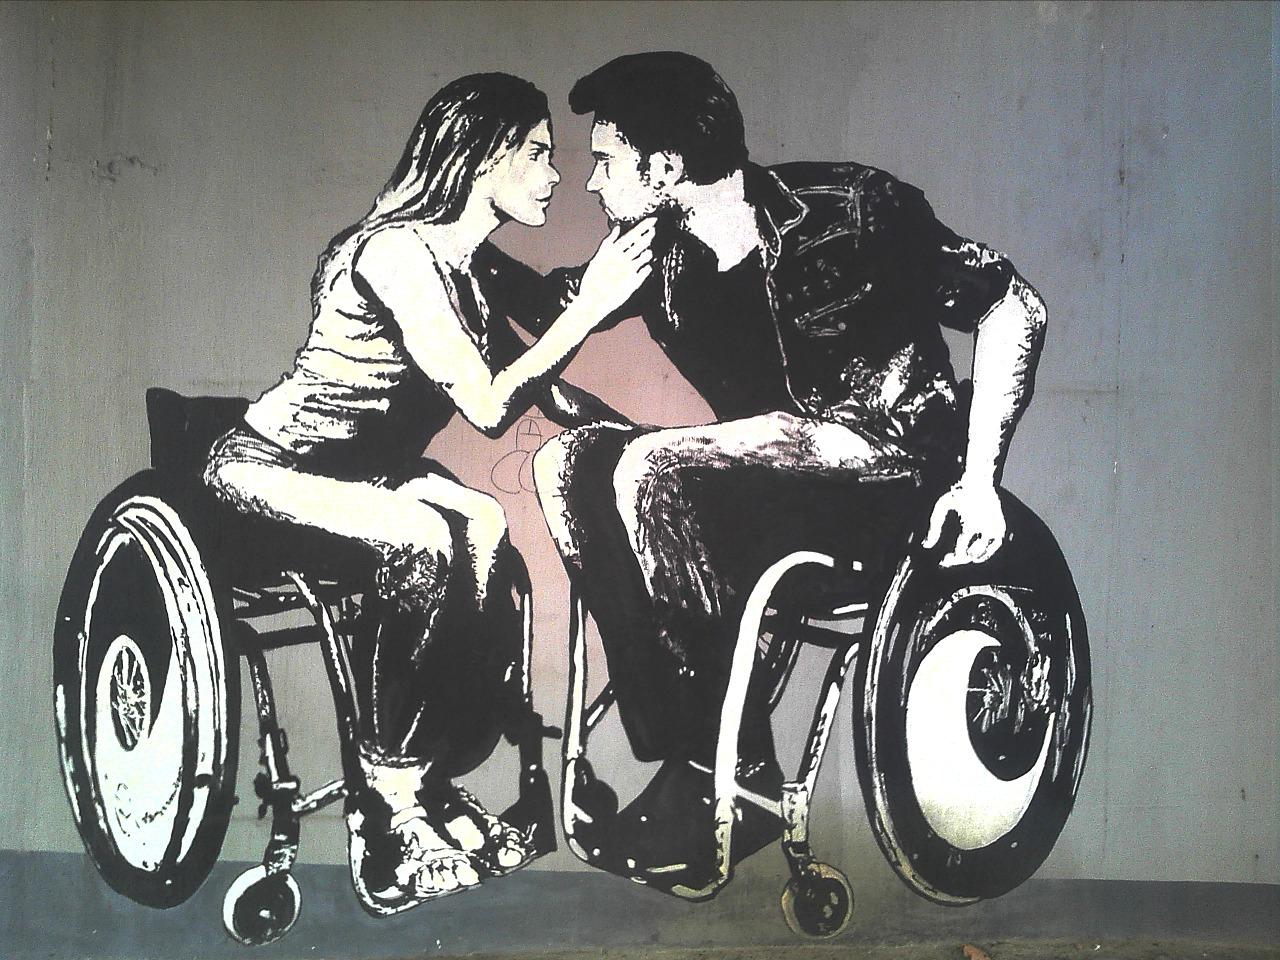 graffiti-1088873_1280